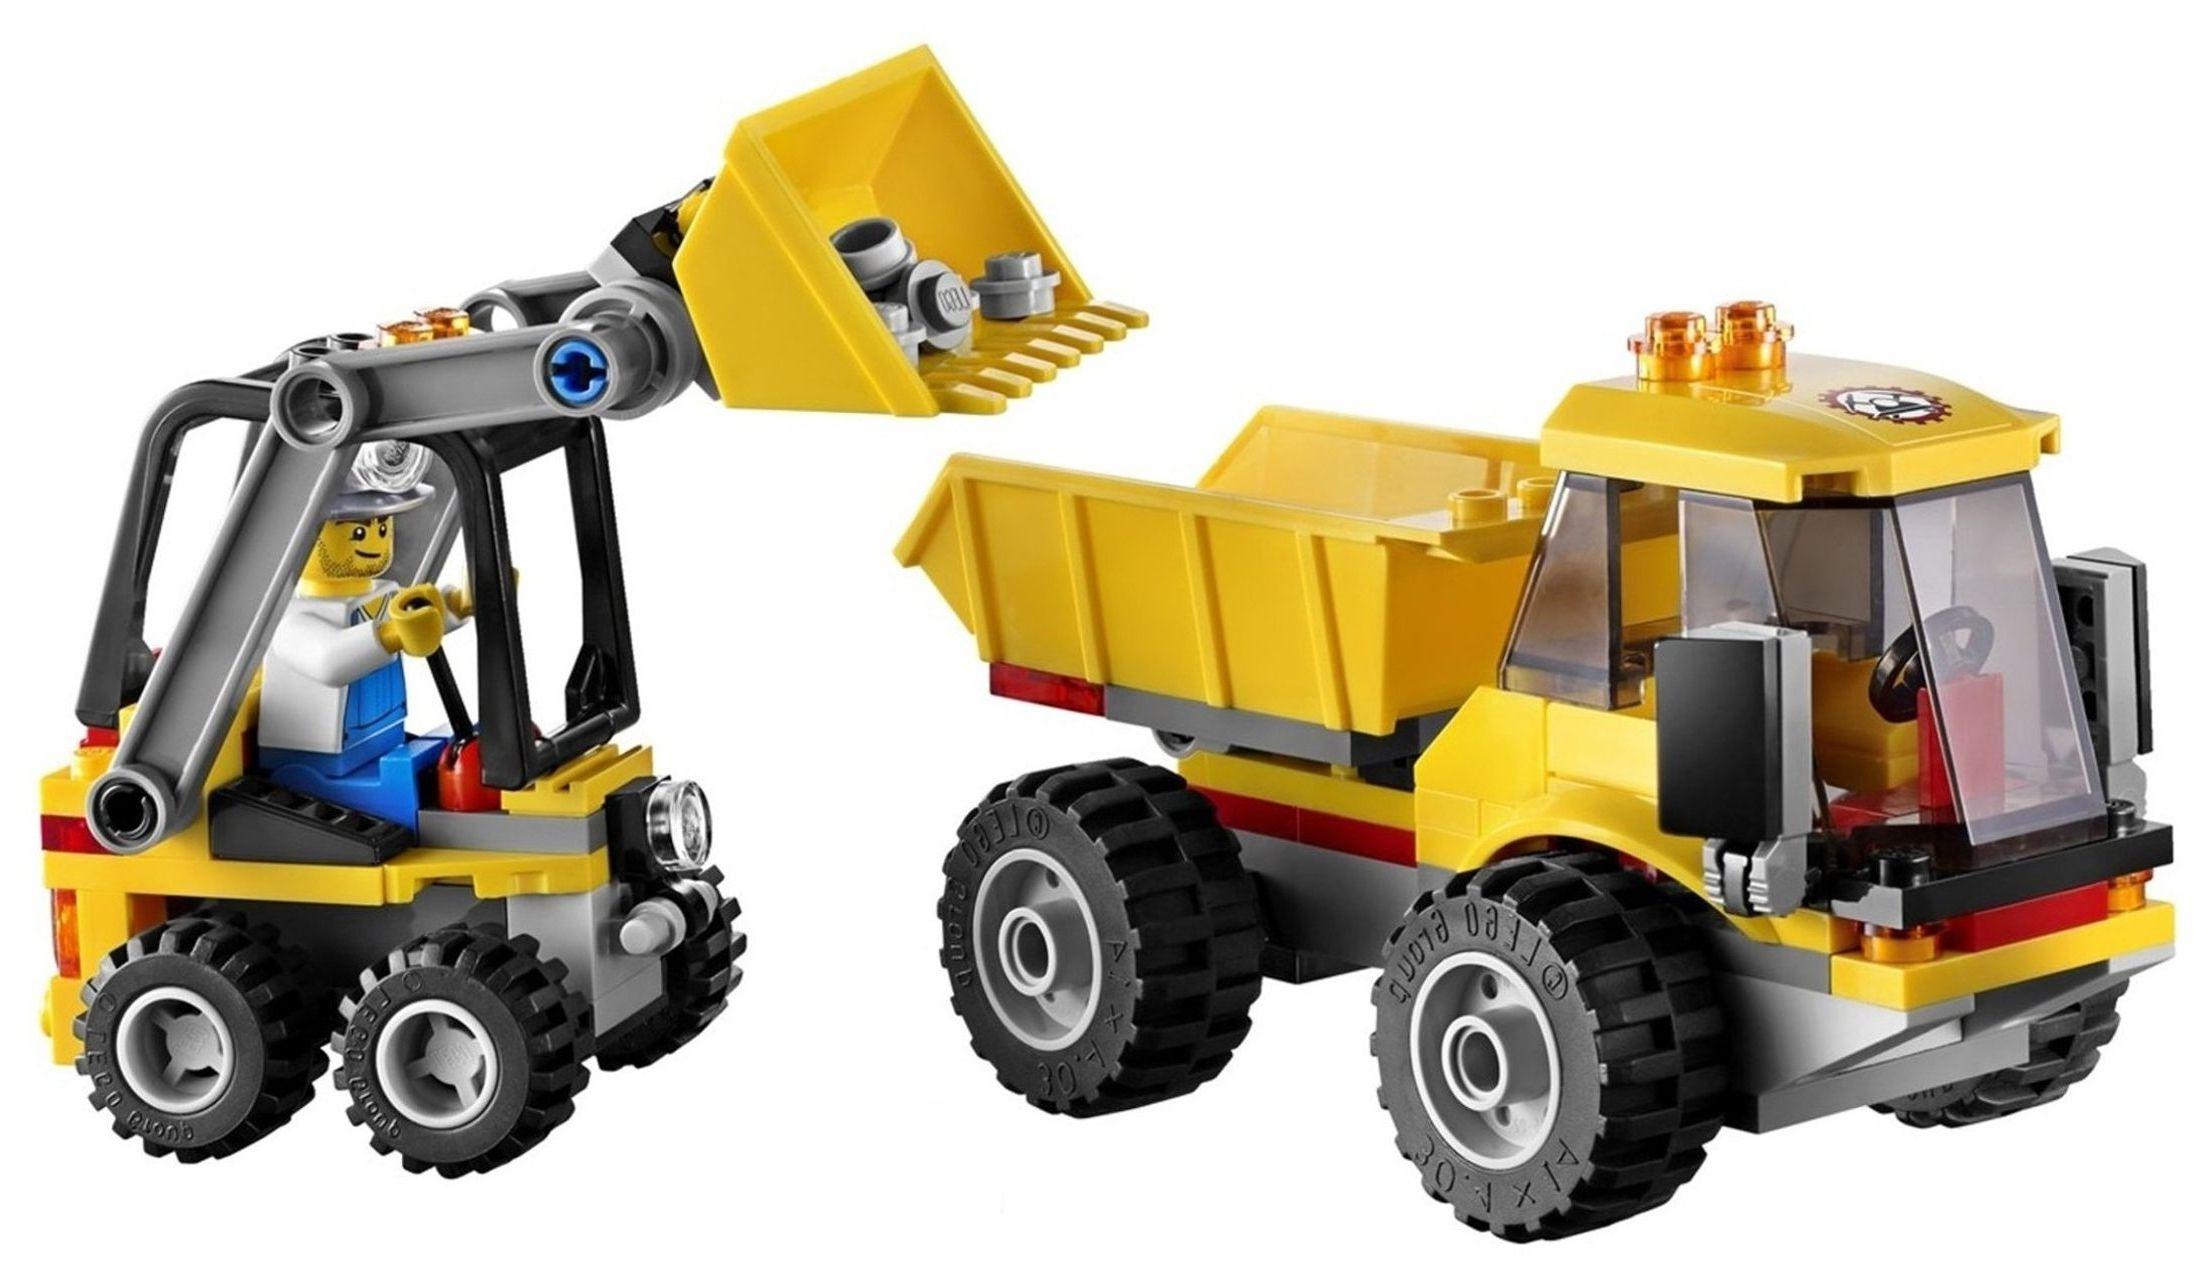 Lego city 5001134 mining collection pack i brick city - Construcciones de lego para ninos ...